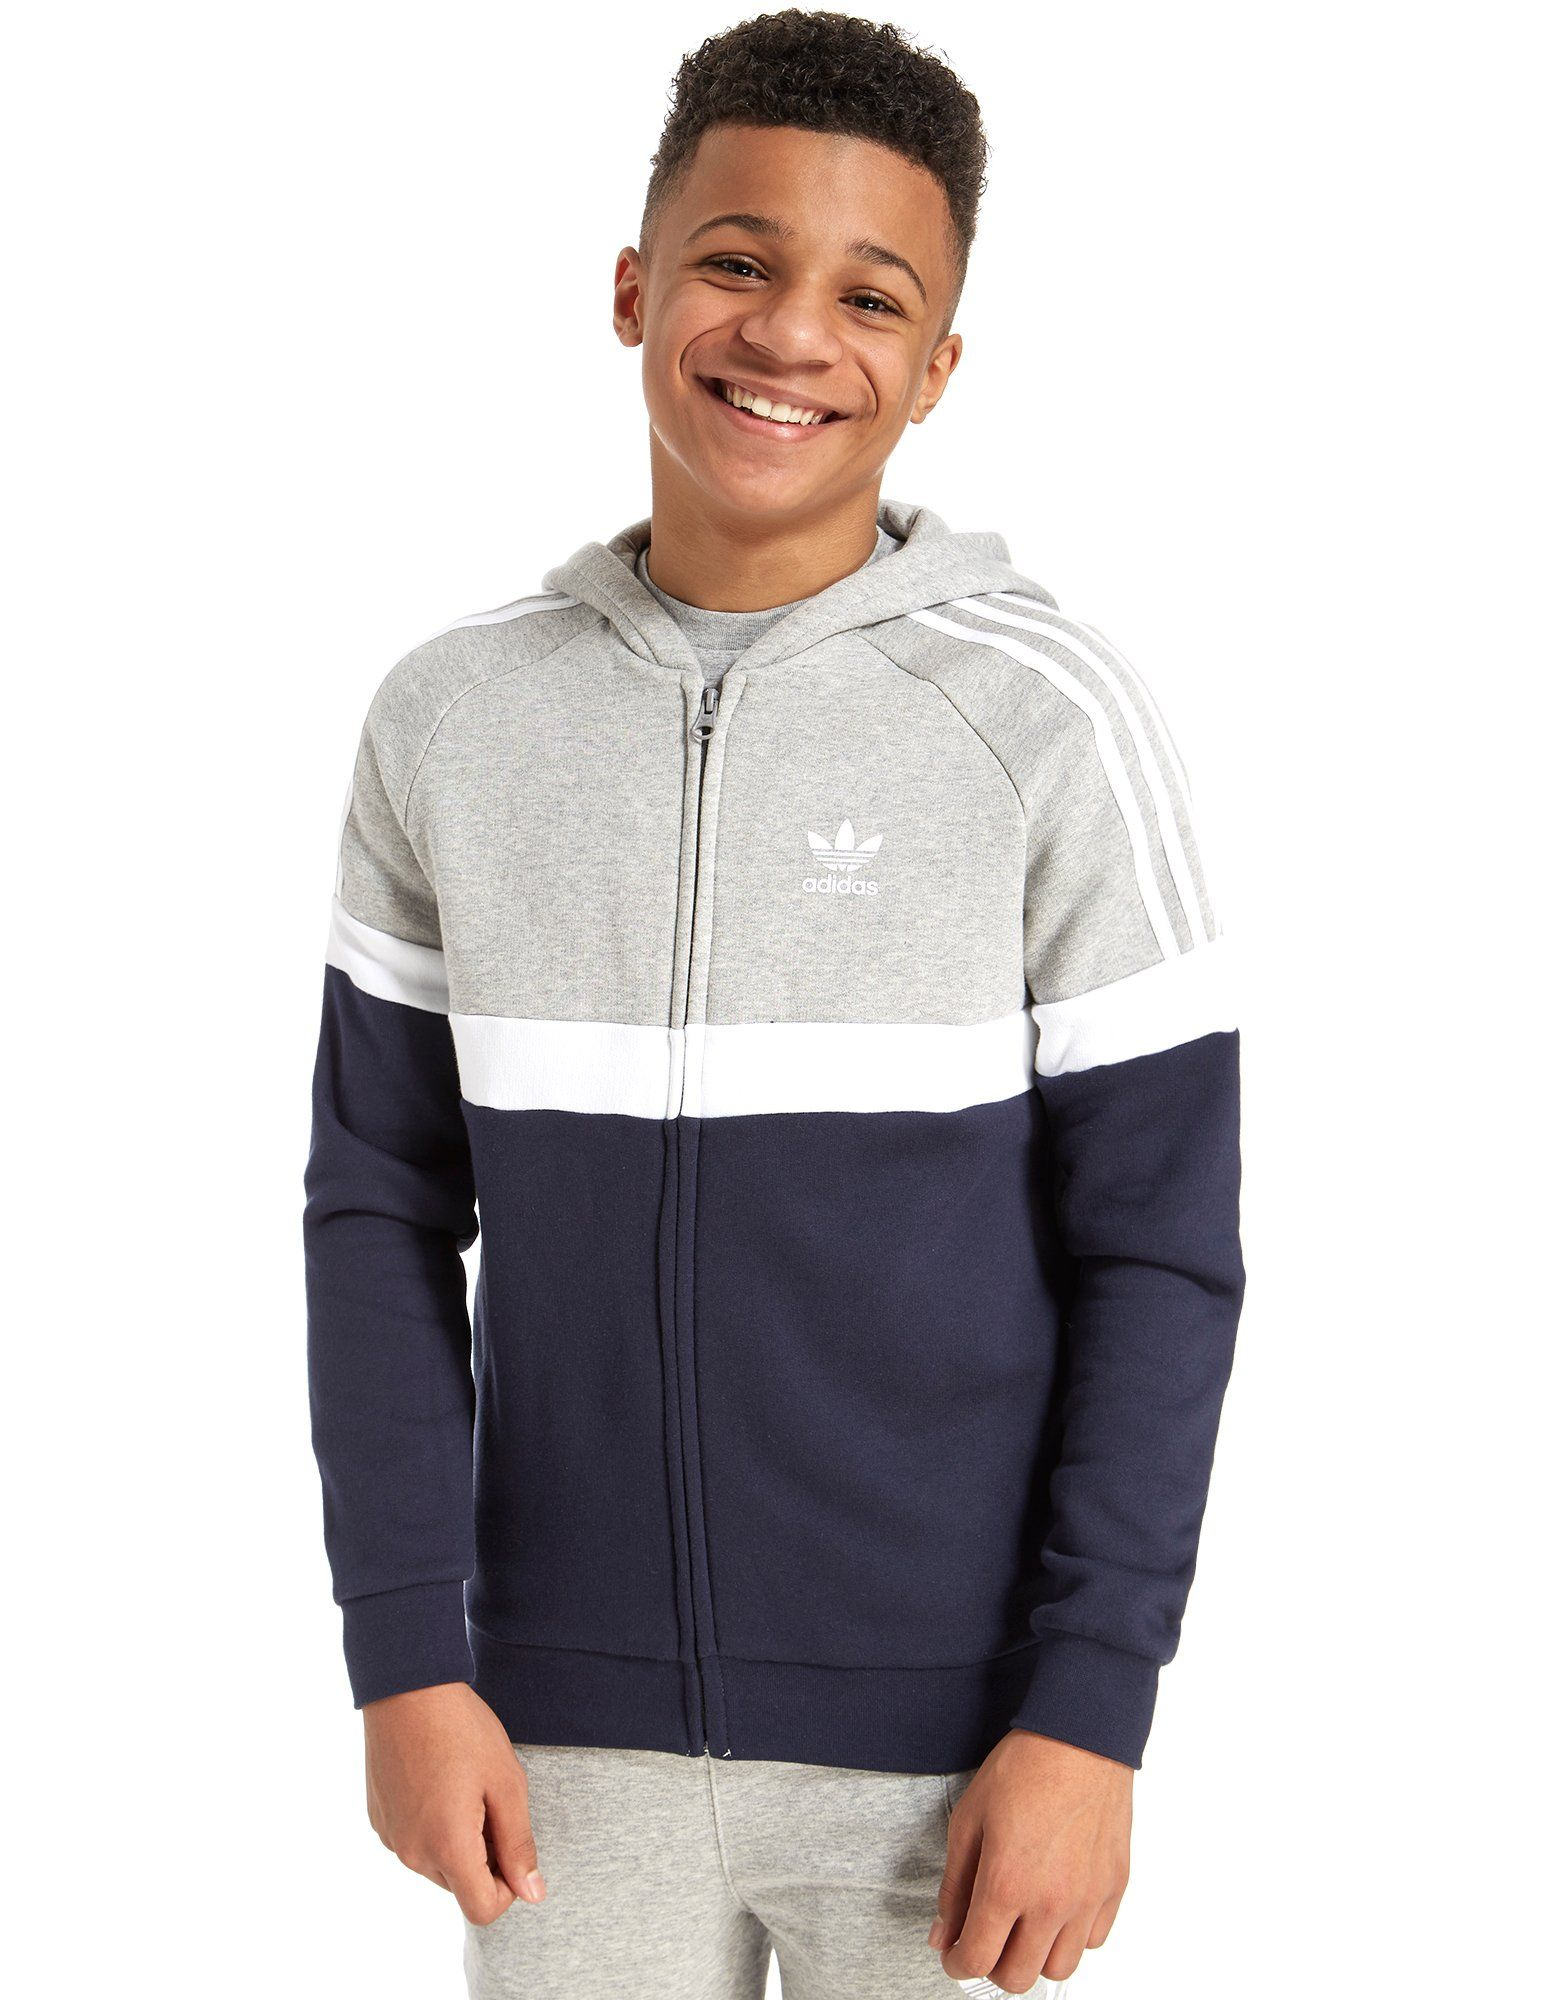 Kids Hoodies & Kids Sweatshirts | JD Sports